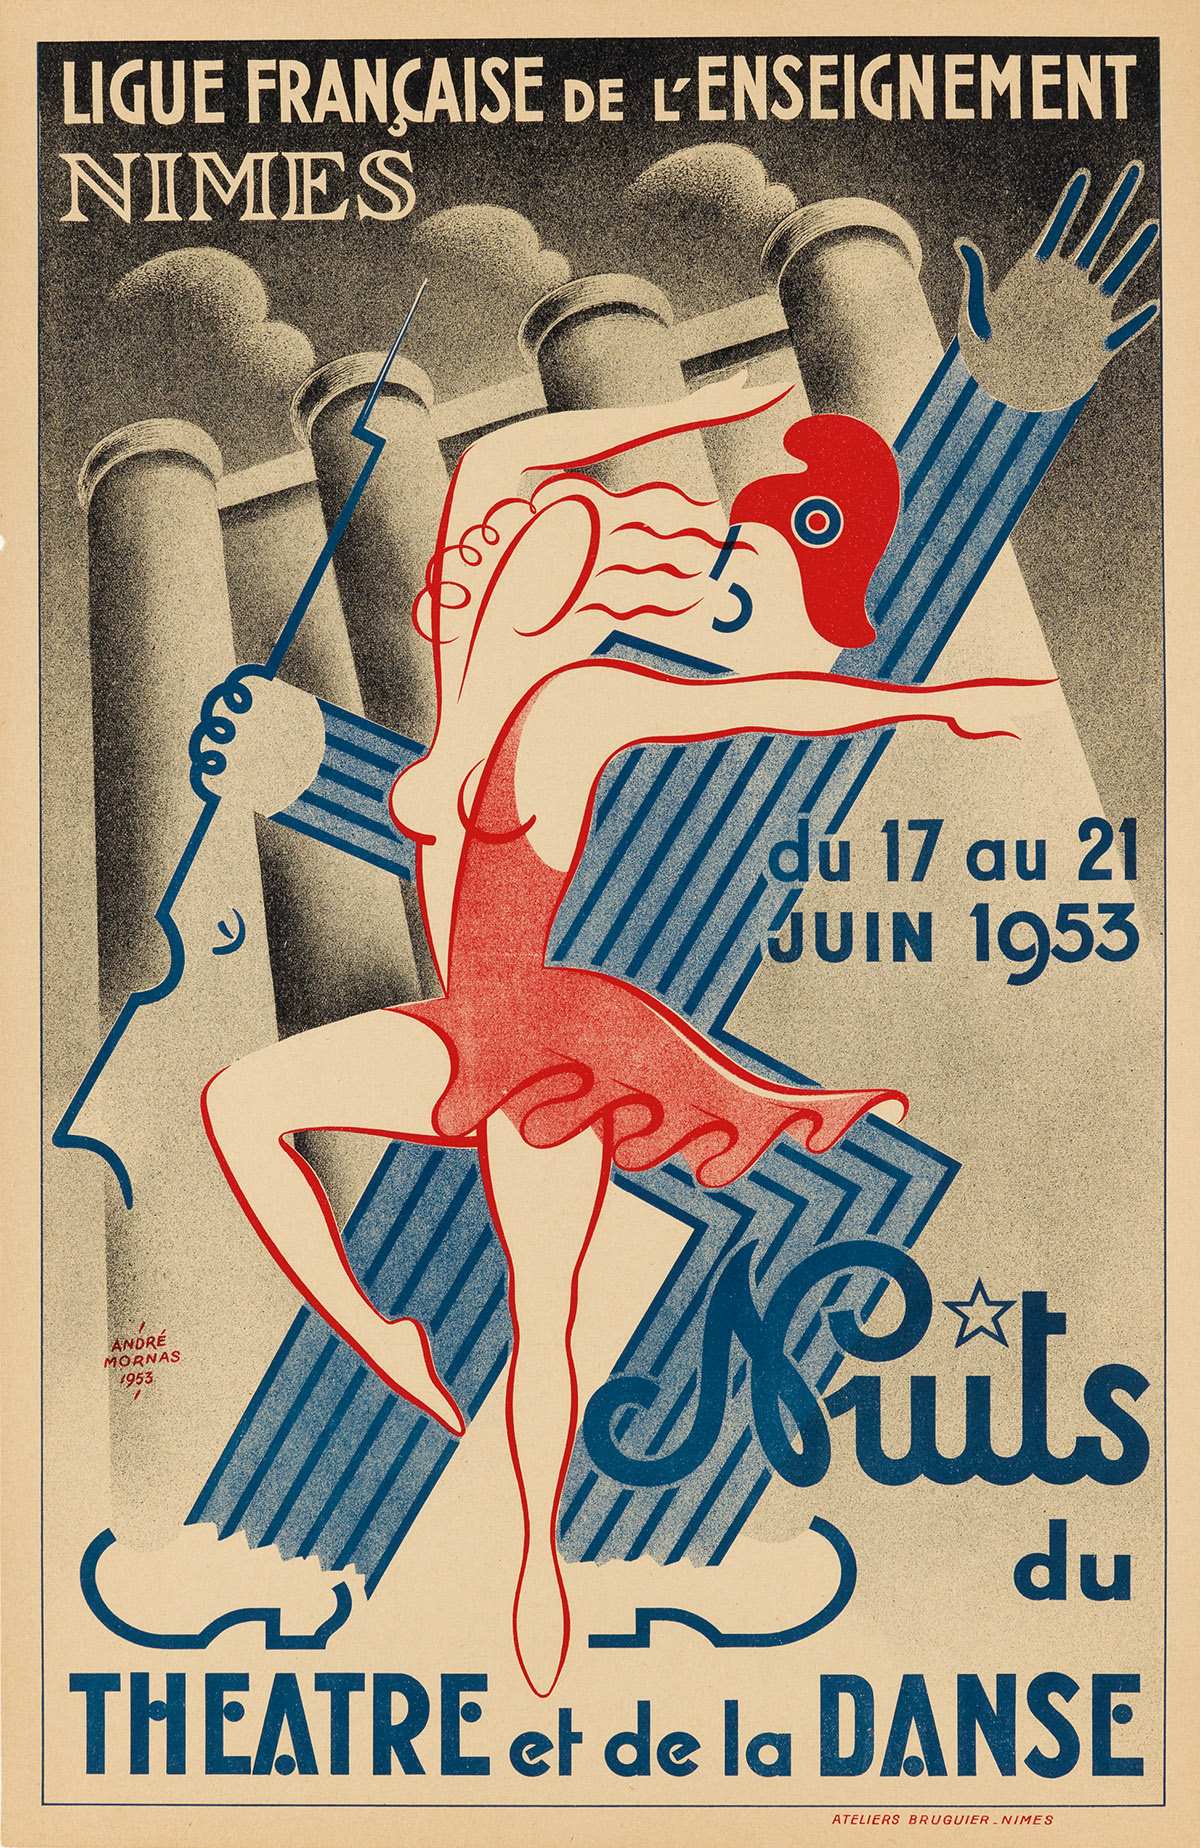 ANDRÉ MORNAS (DATES UNKNOWN). NUITS DU THEATRE ET DE LA DANSE. 1953. 23x15 inches, 58x38 cm. Ateliers Bruguier, Nimes.